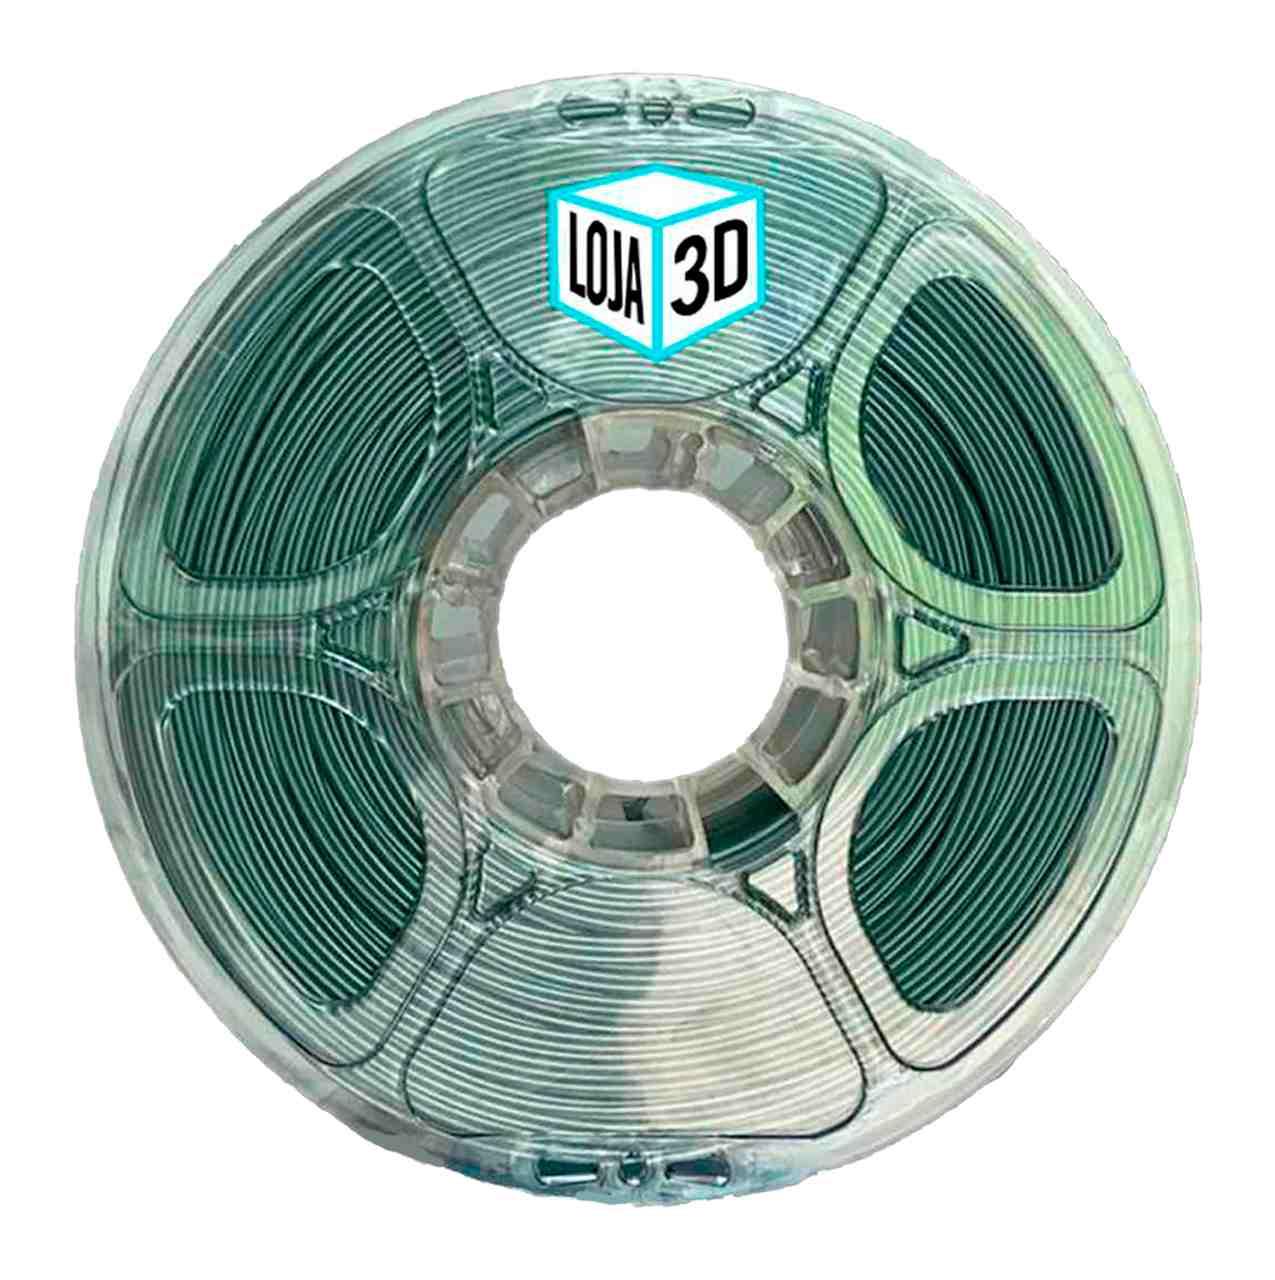 Filamento PLA Pro de Alta Resistência - Cinza - Loja 3D - 1.75mm - 1kg